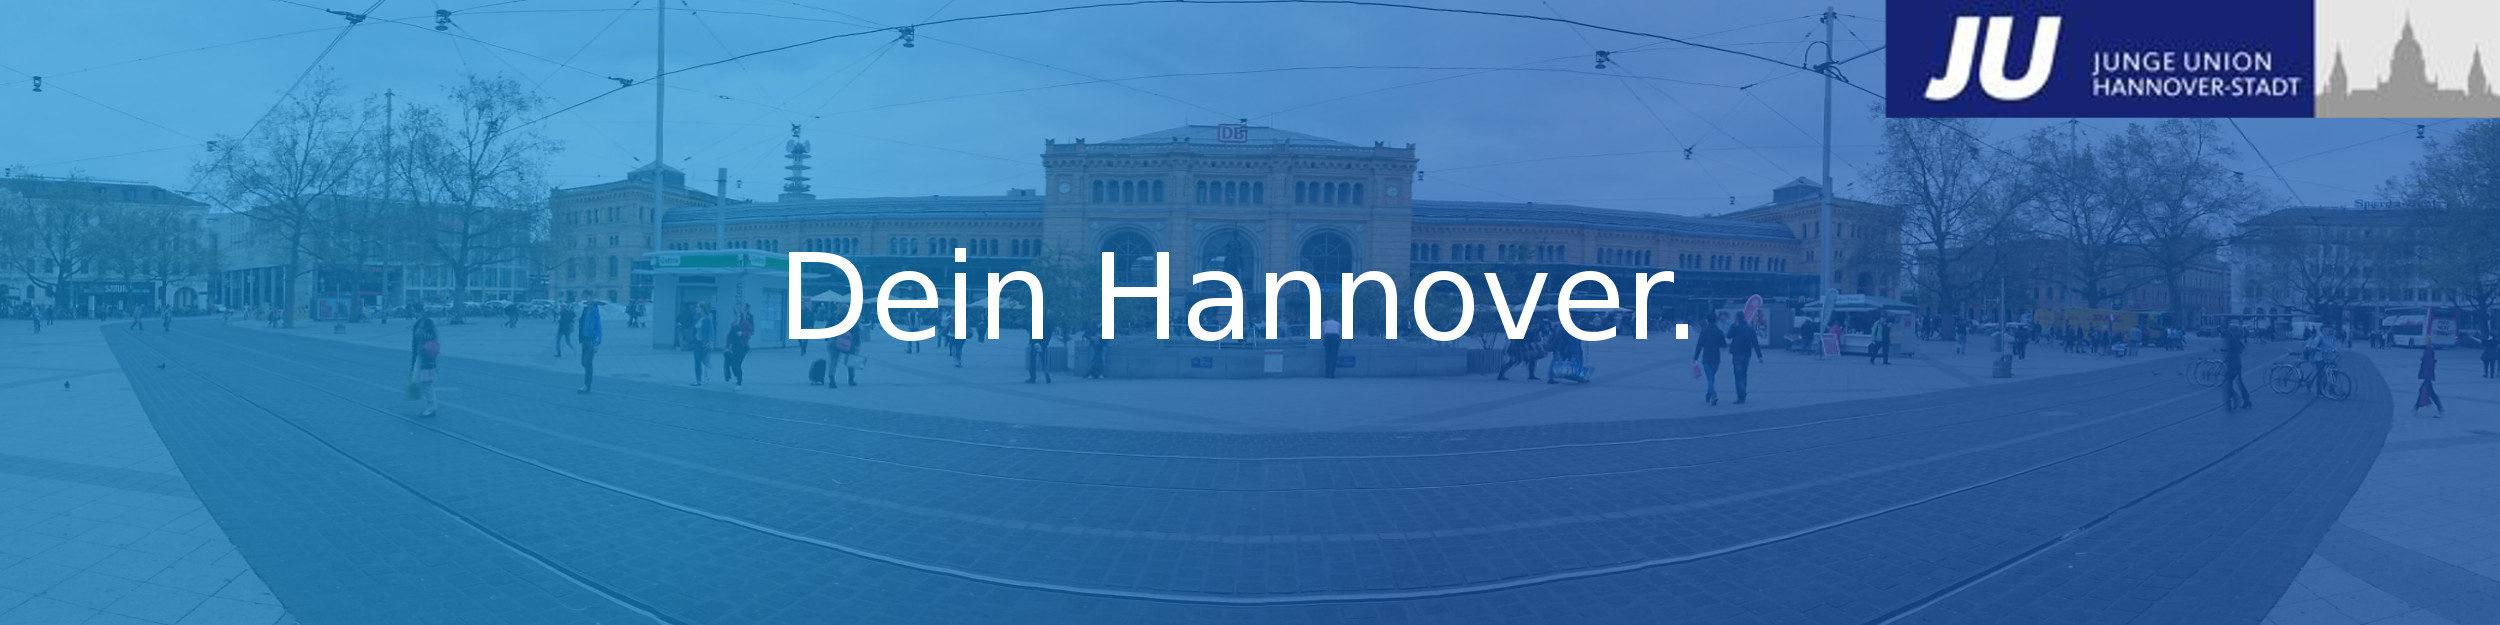 JU Hannover